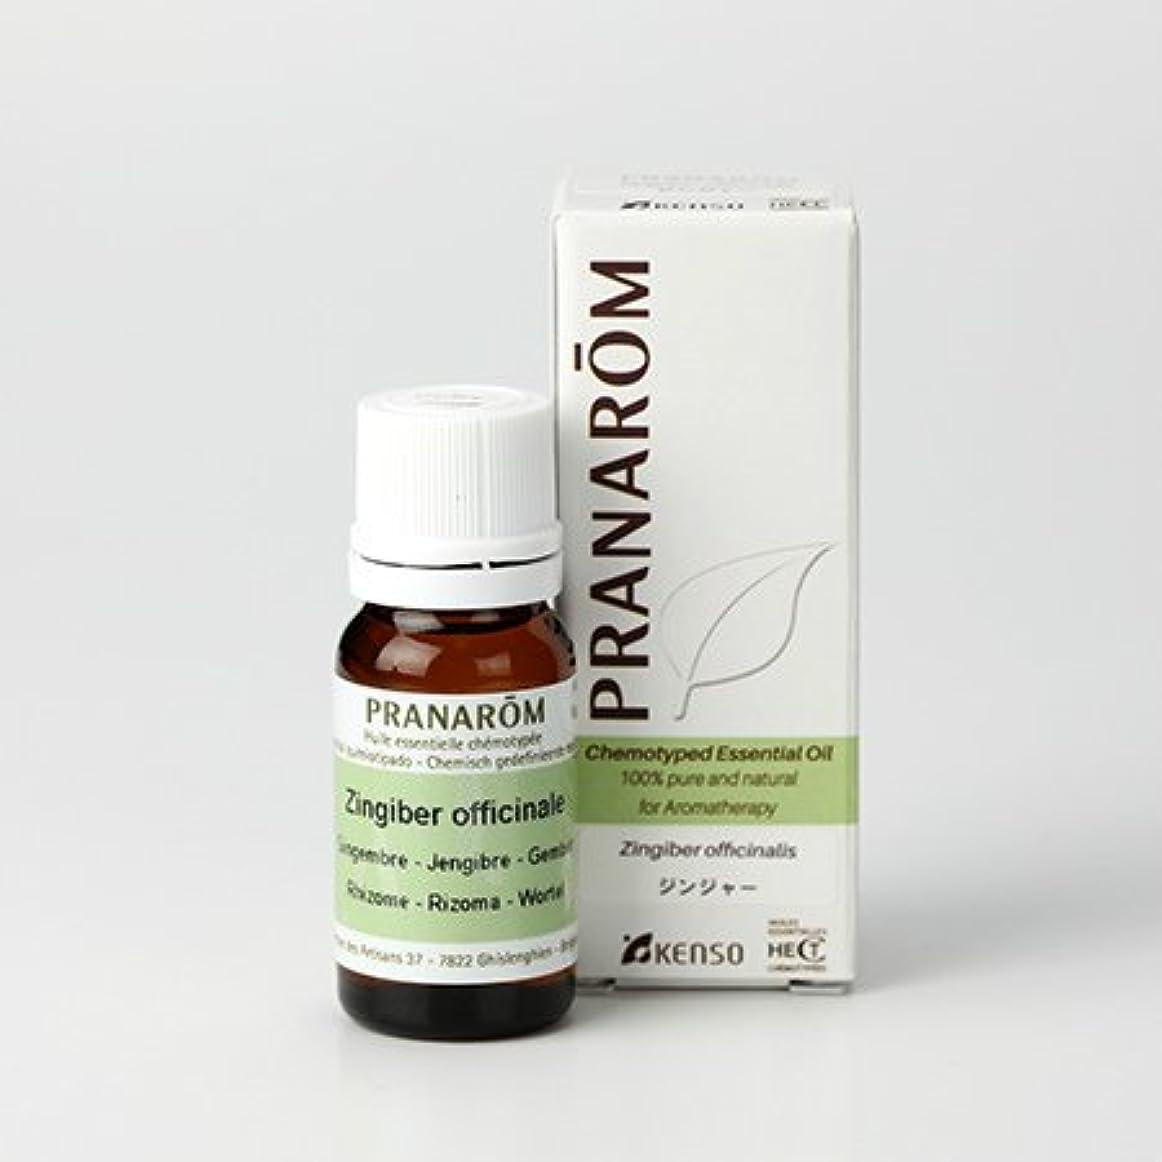 全滅させるサワーボリュームプラナロム ジンジャー 10ml (PRANAROM ケモタイプ精油)